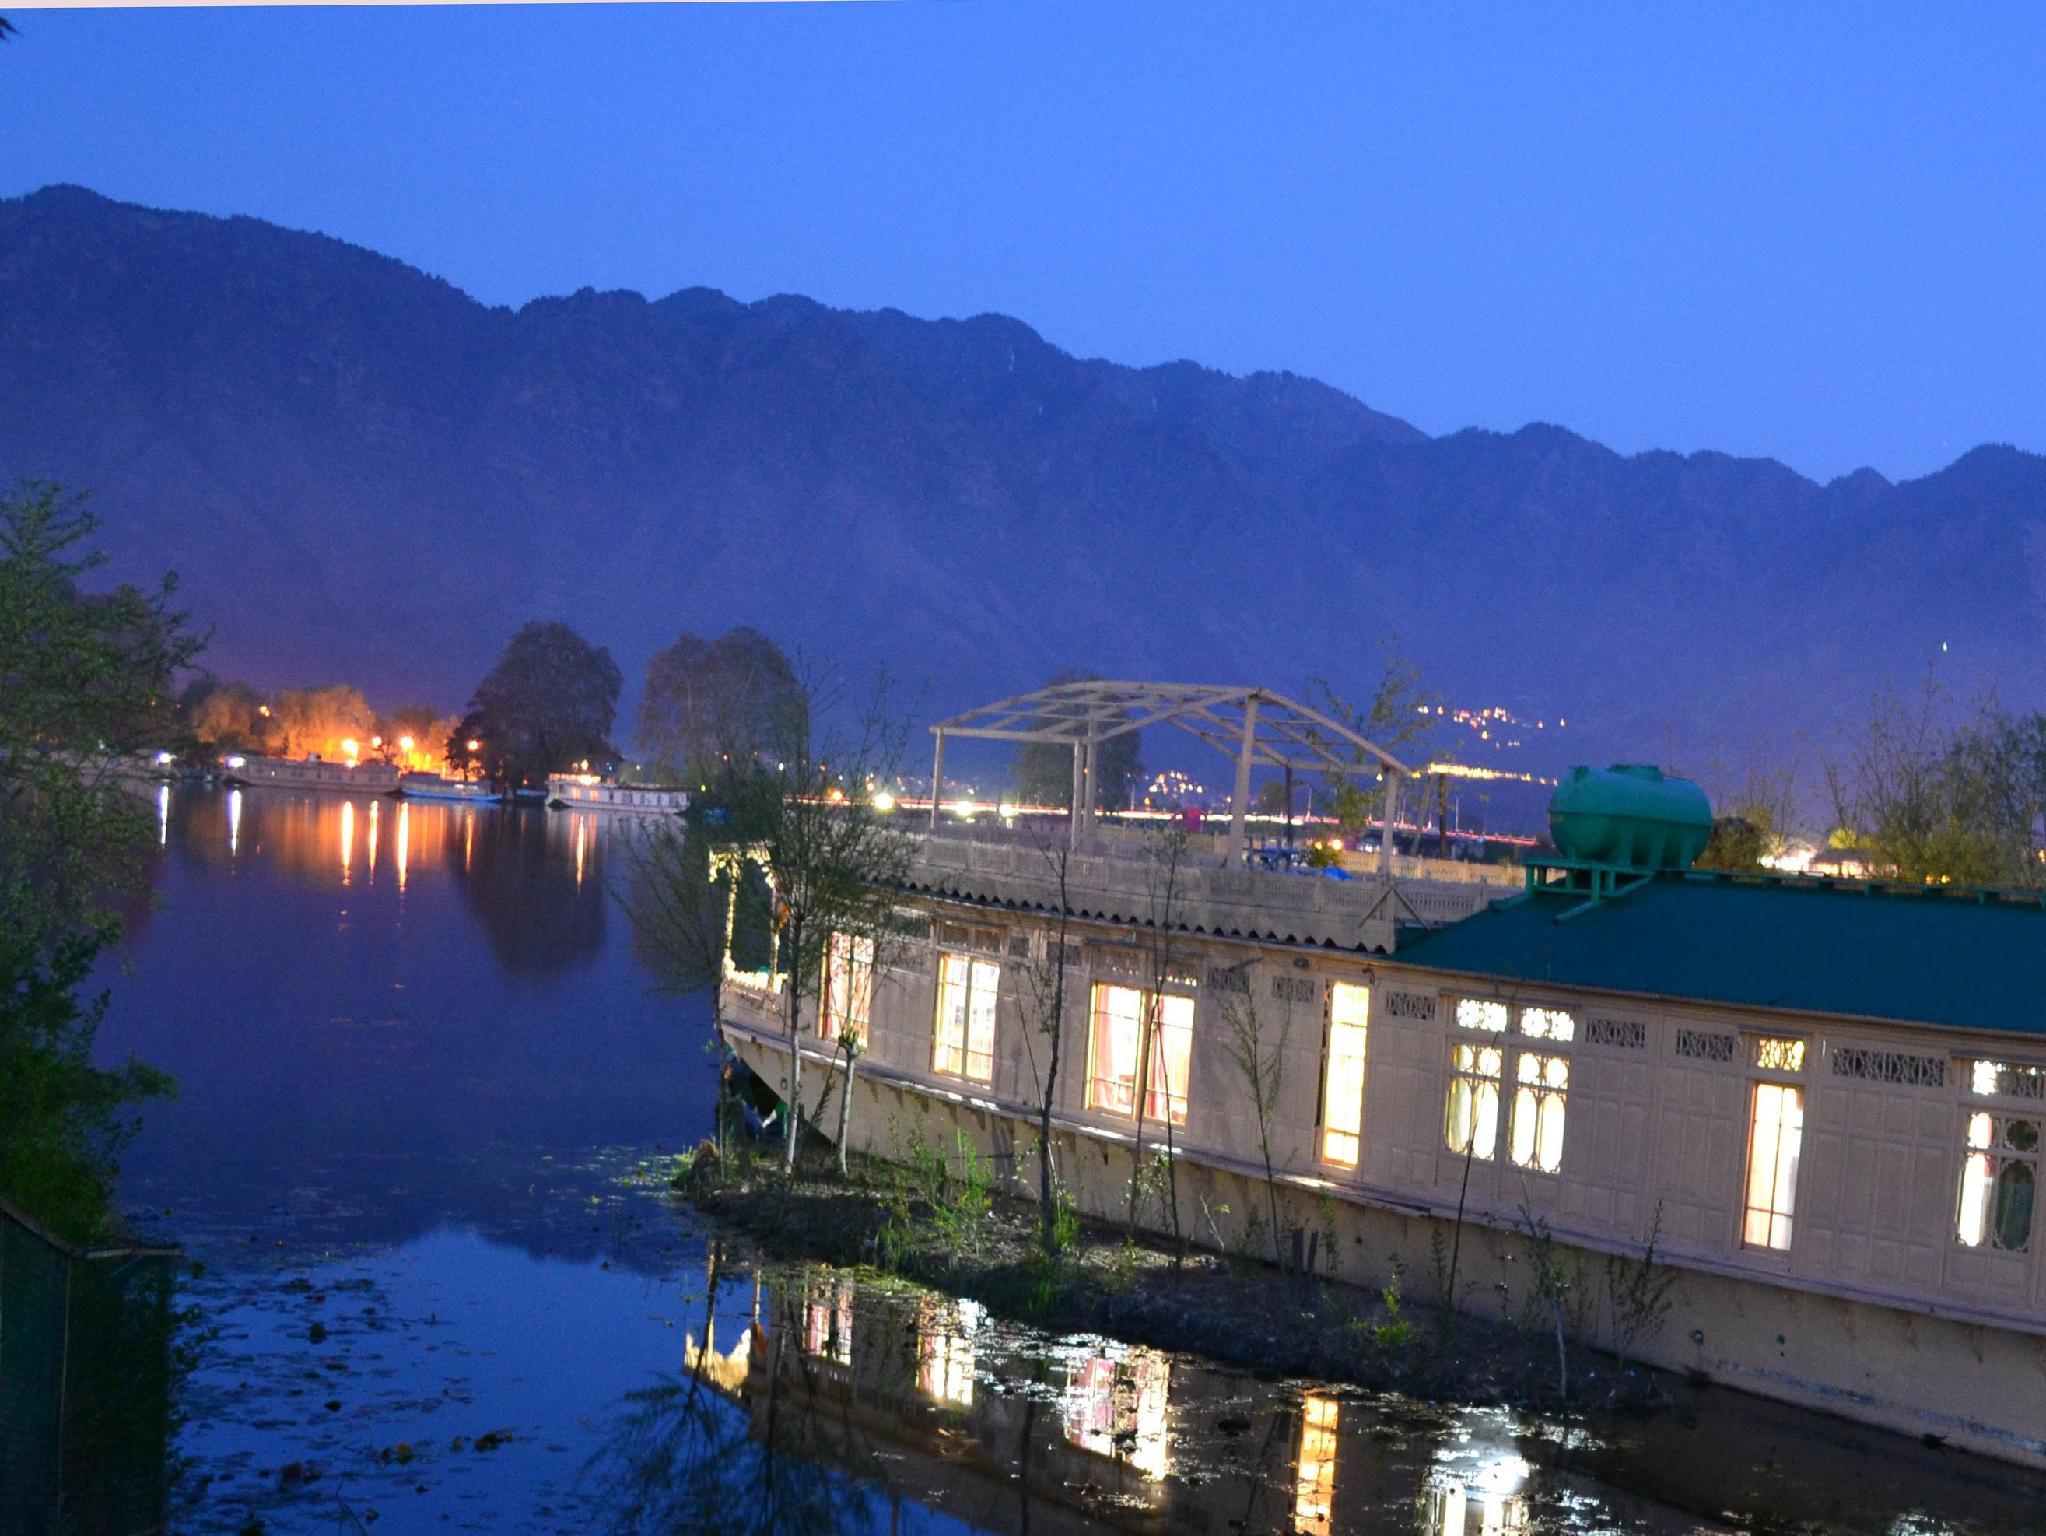 Peacock Houseboats - Srinagar